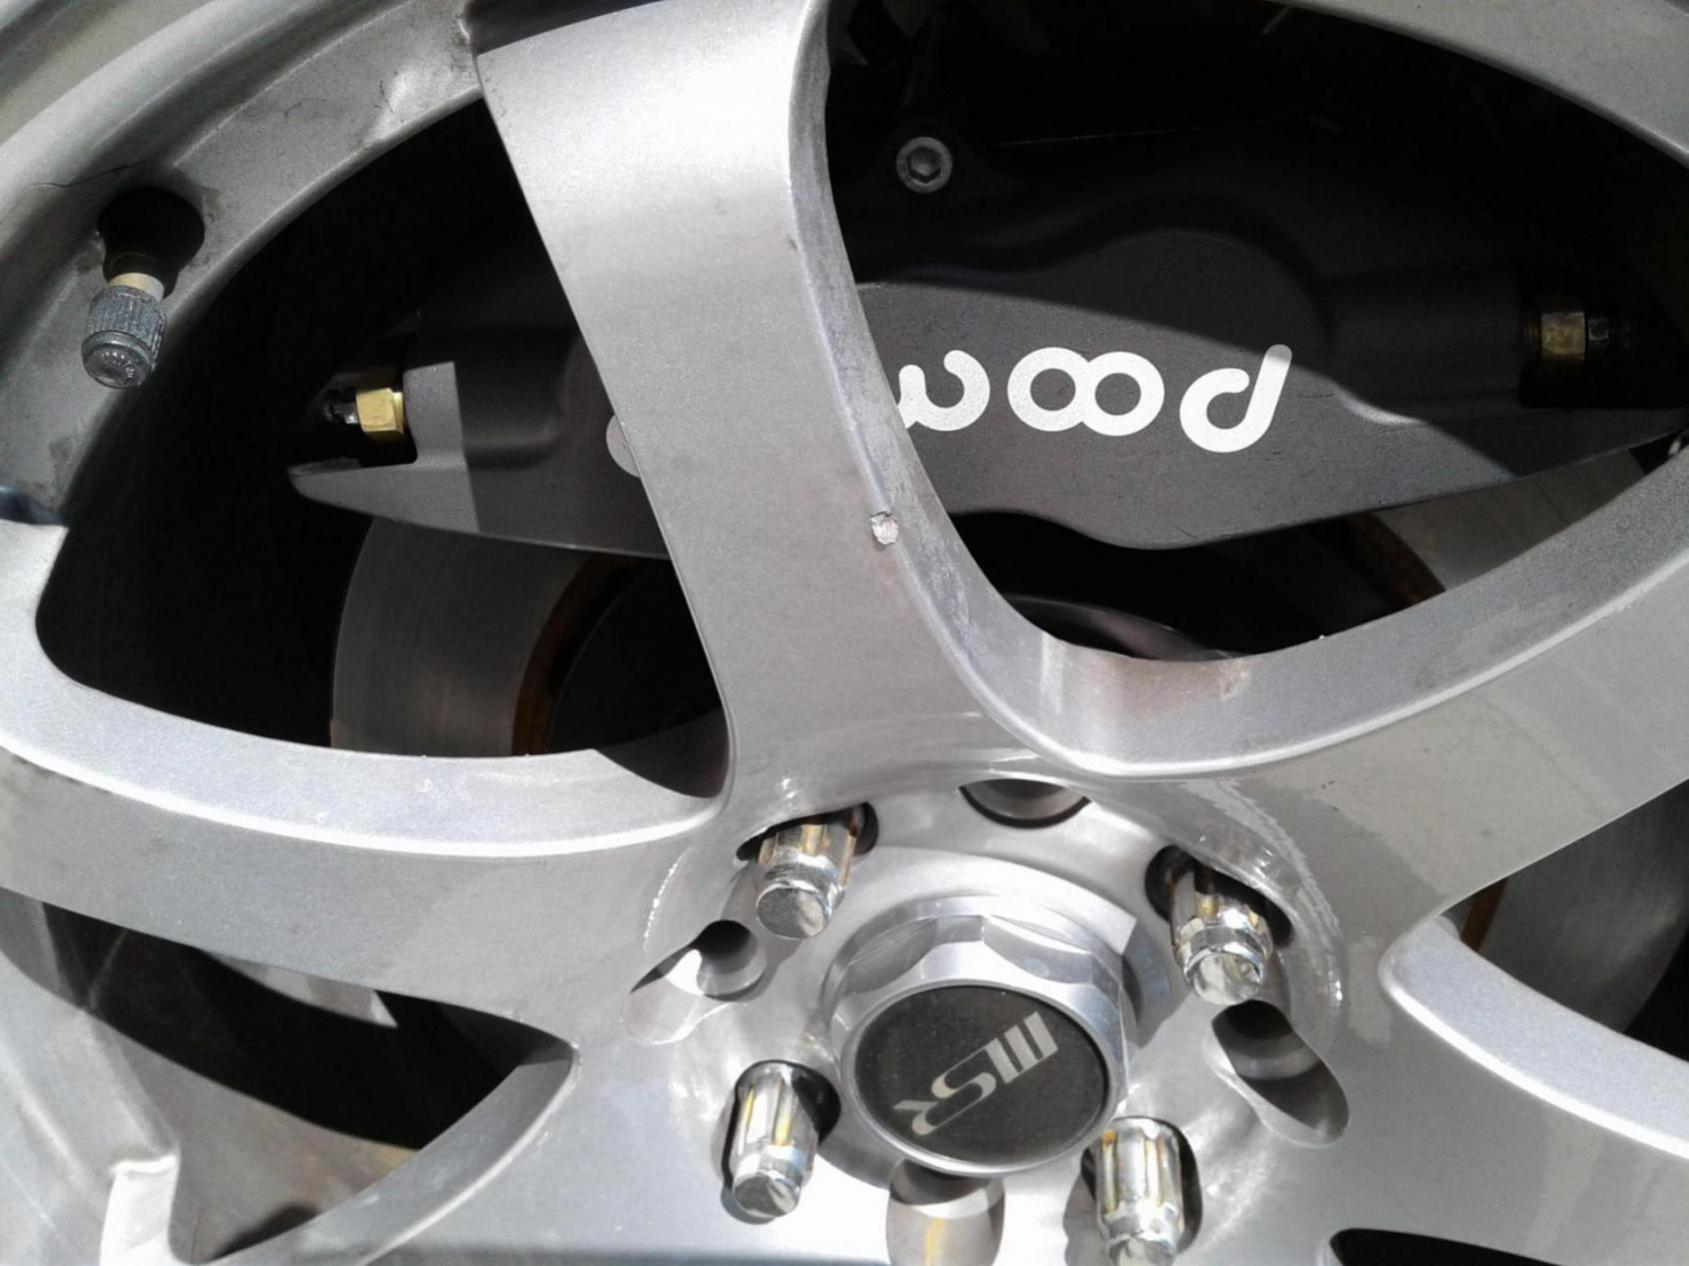 Wildwood Plus 2 front brake kit-20170925_112615_1506363316354.jpg